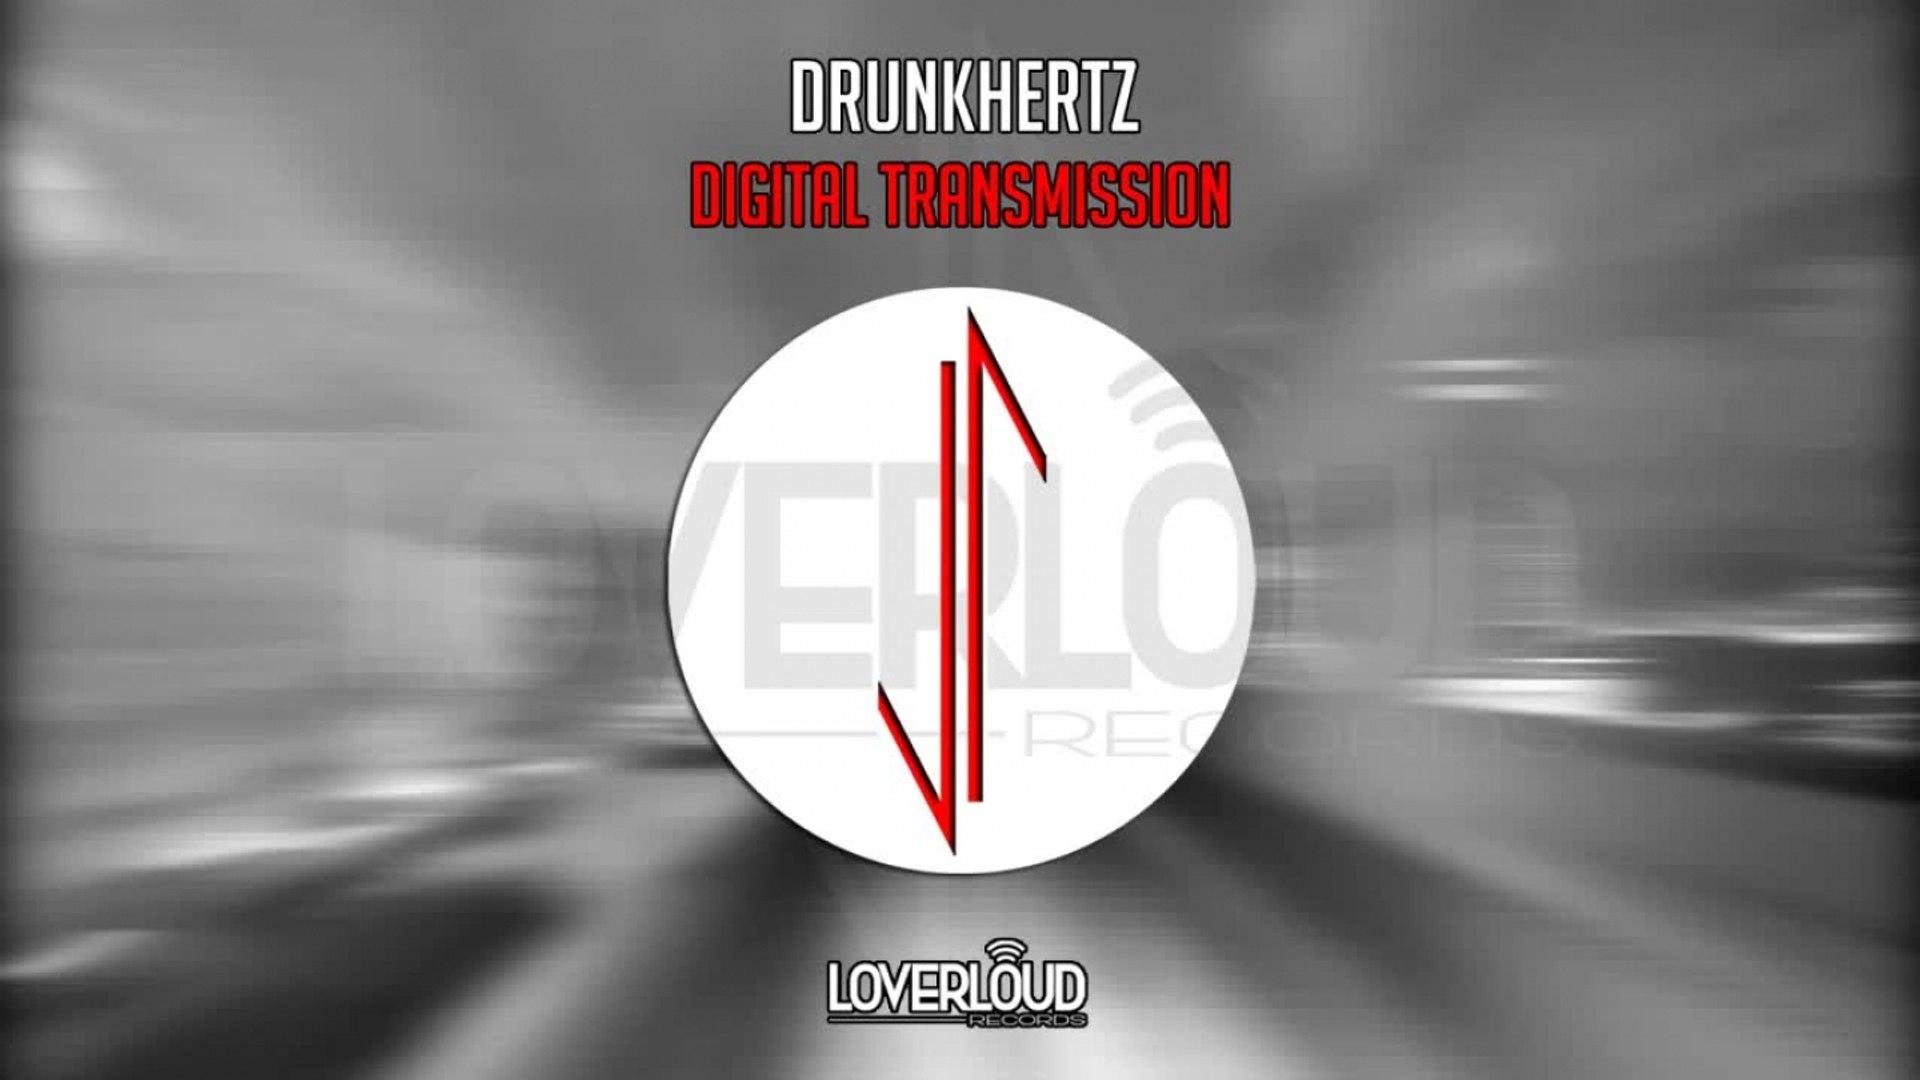 Drunkhertz - Digital Transmission (Original Mix) - Official Preview (LOV035)